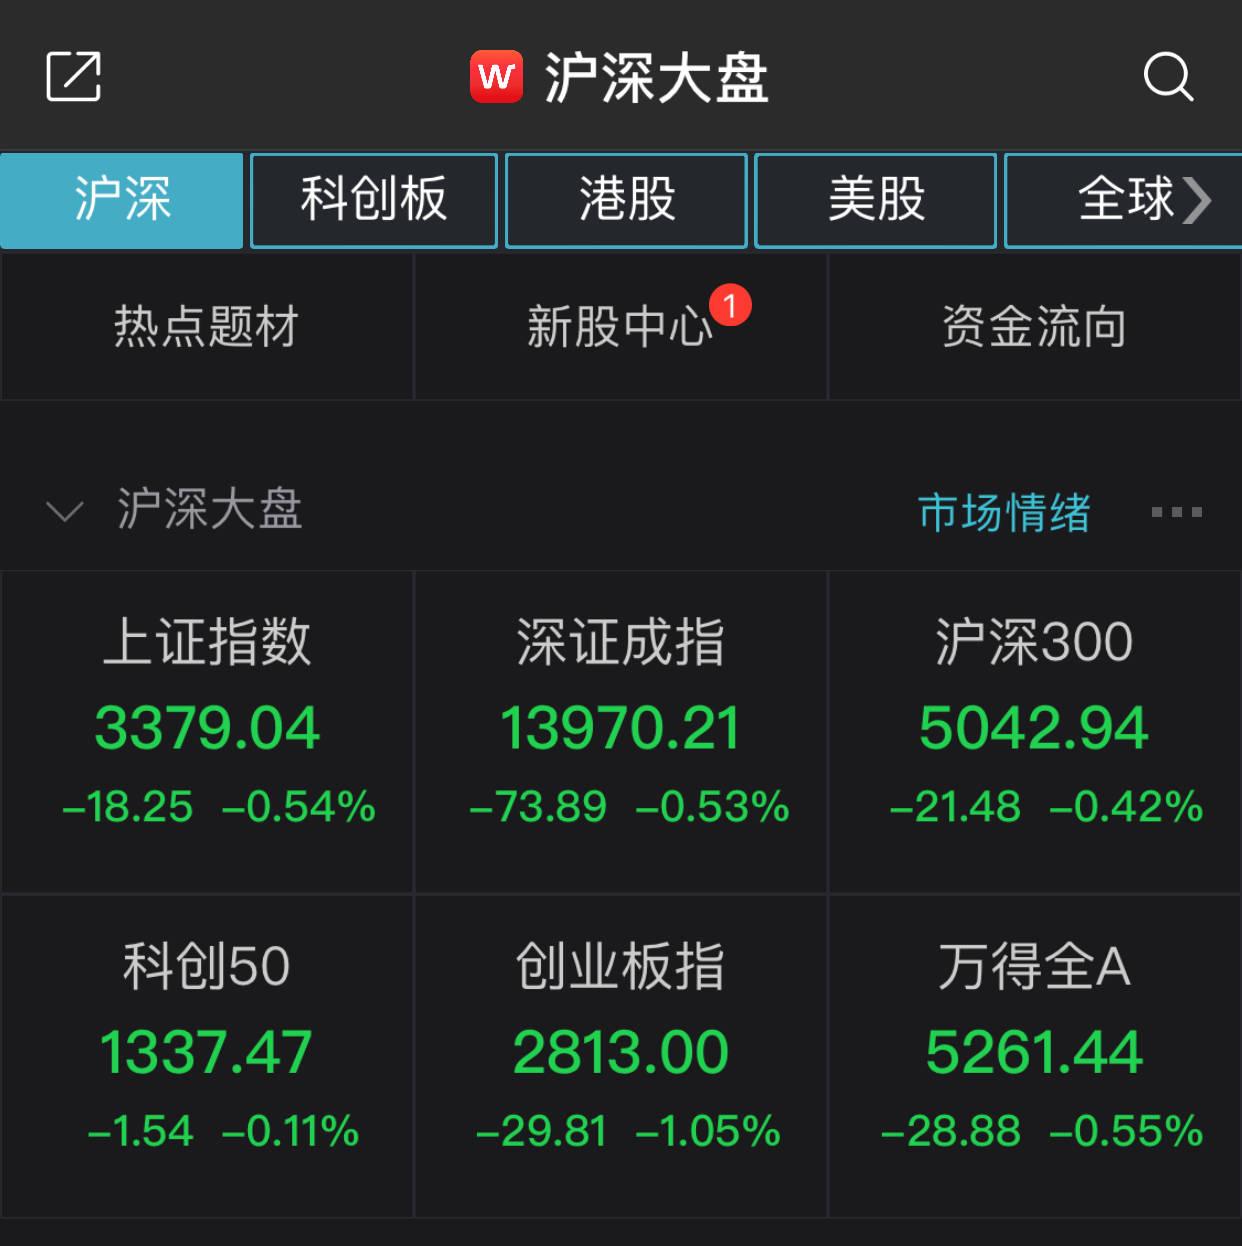 上证综指开盘走高,下跌0.54%。煤炭行业领跌